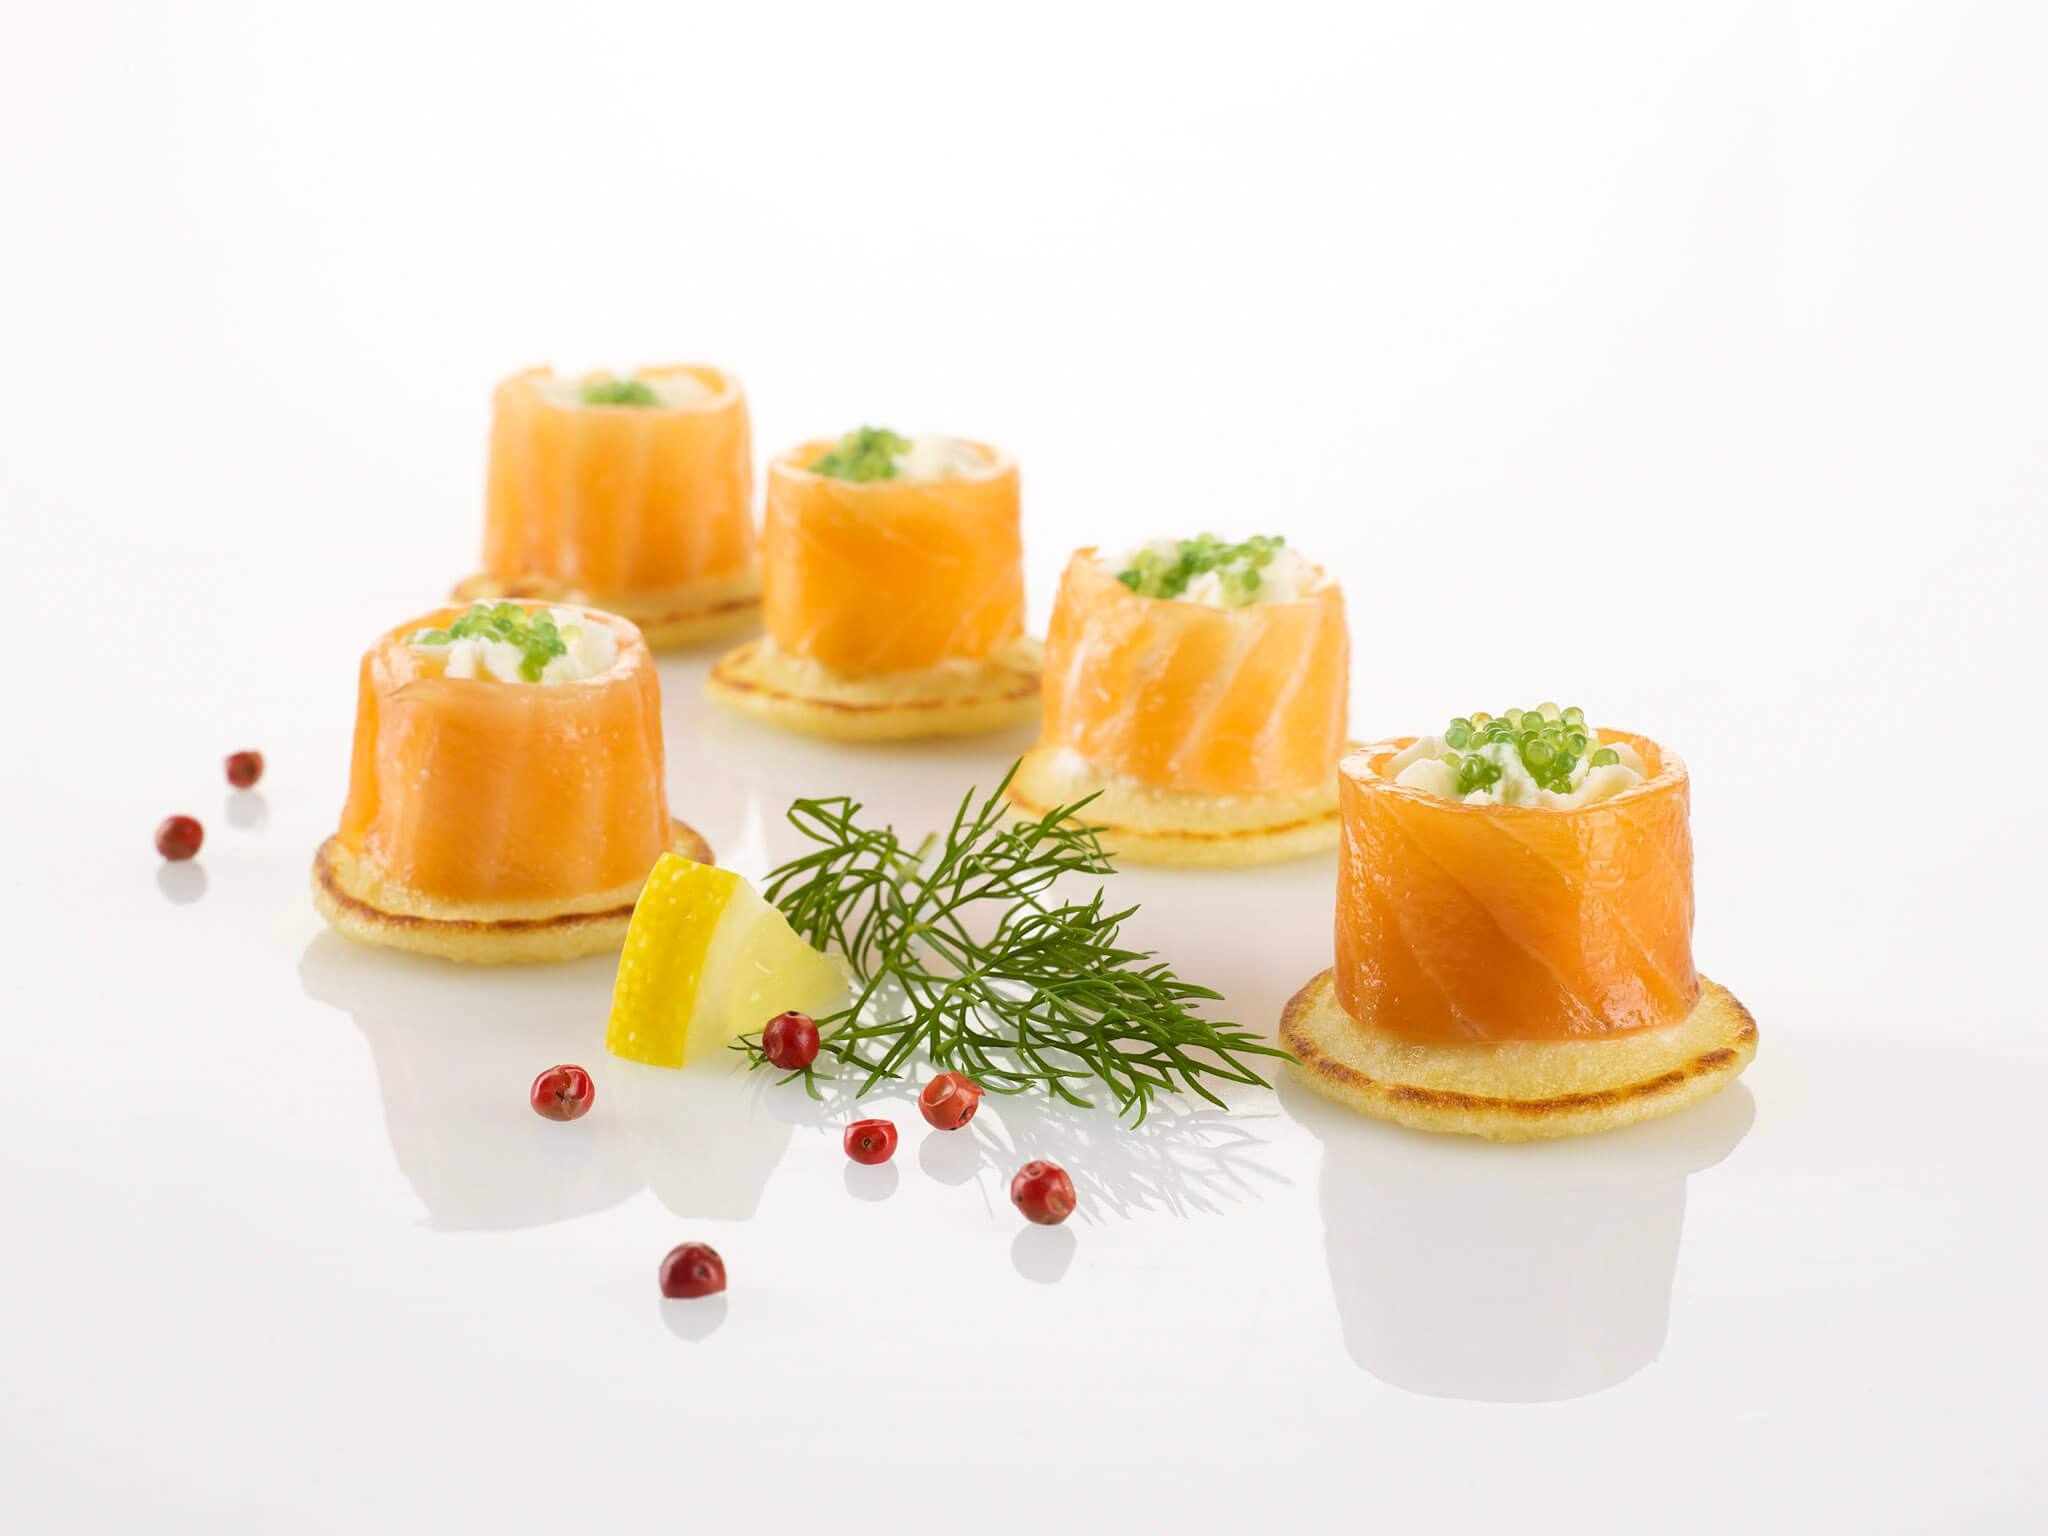 Les réalisations Lehmann Studio, photographe à Angers - shooting culinaire en studio bouchées au saumon